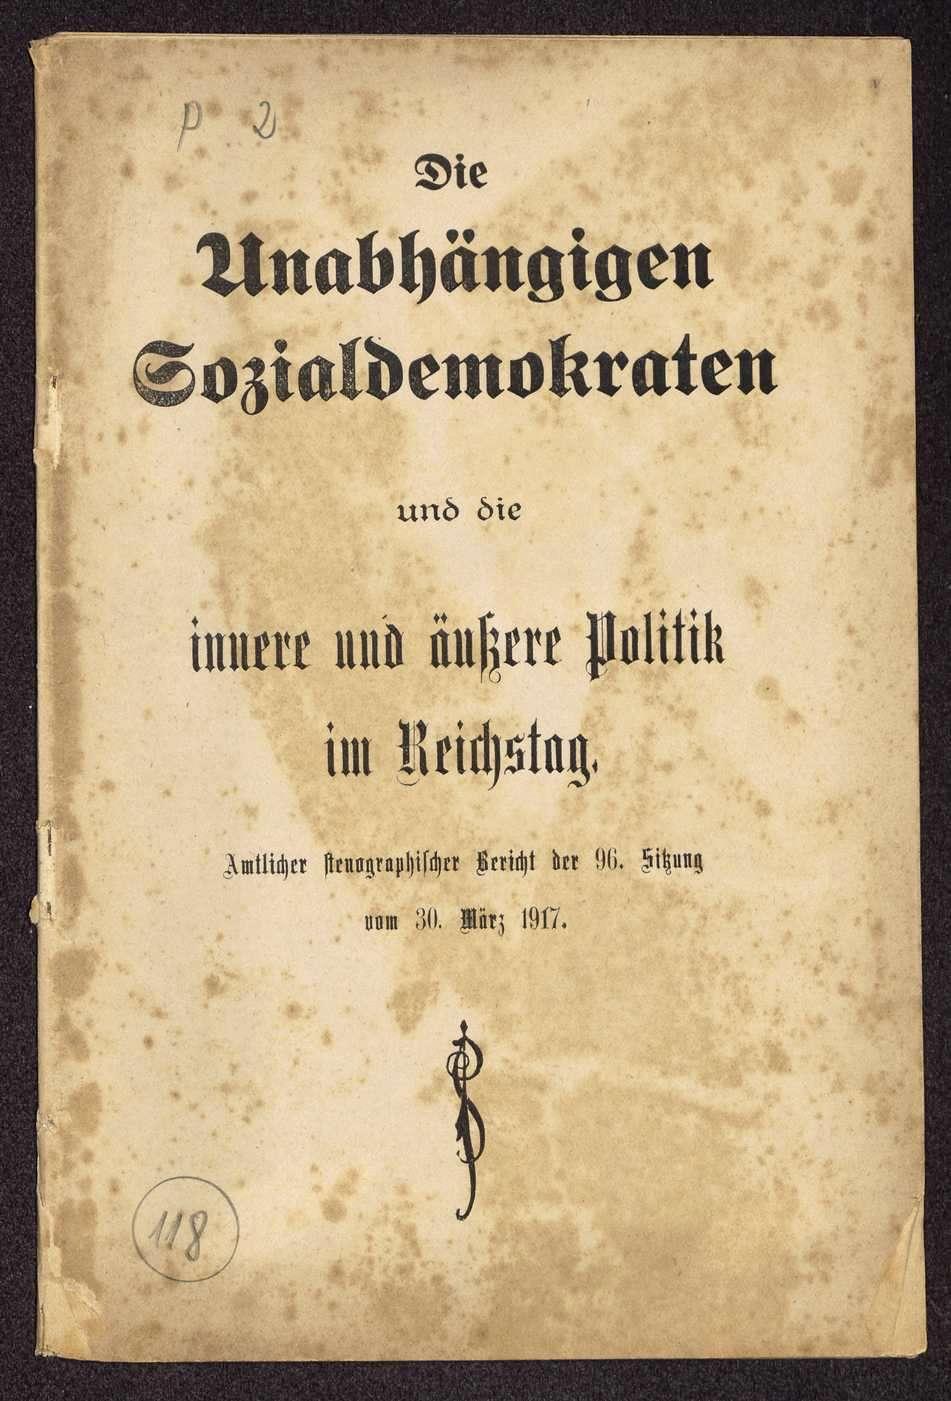 Die Unabhängigen Sozialdemokraten und die innere und äußere Politik im Reichstag. Amtlicher stenographischer Bericht der 96. Sitzung vom 30. März 1917 (Druck: Mönius, Celle), Bild 1